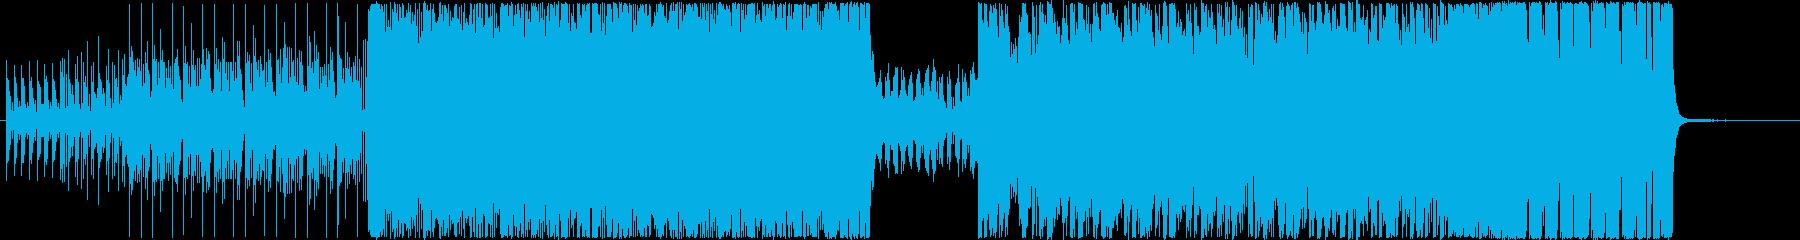 アクションに富んだTechnoBGMの再生済みの波形